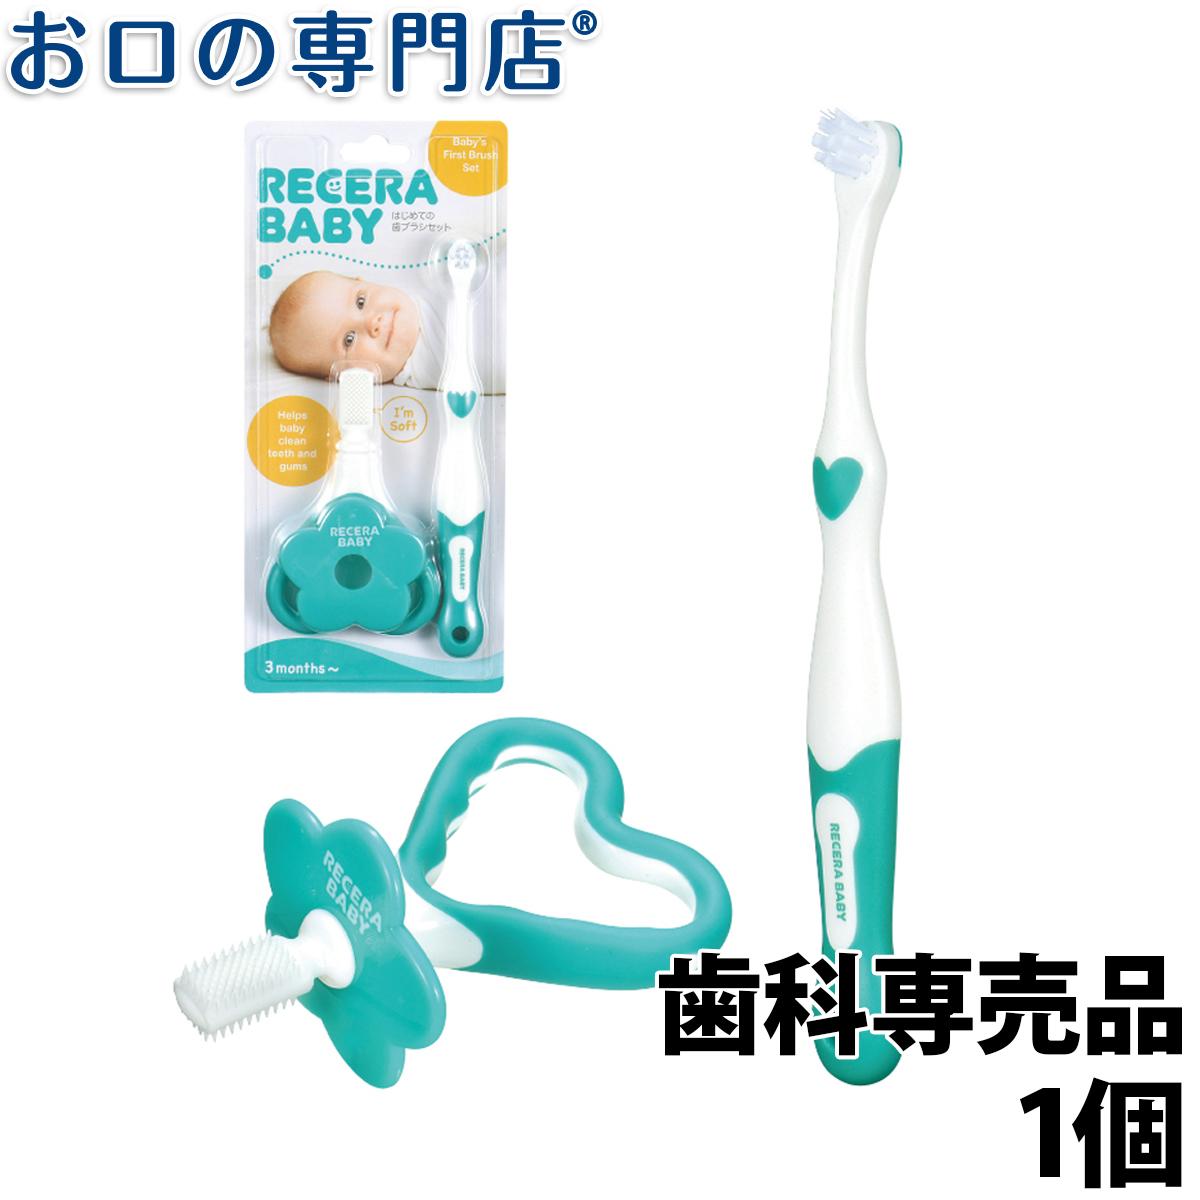 はじめて 3ヶ月~ 乳児 子供用歯ブラシ シリコン マッサージ 予約販売 やわらかい ポイント5倍 メール便送料無料 歯科専売品 クーポン リセラベビー はじめての歯ブラシセット 1個 Ci 販売期間 限定のお得なタイムセール